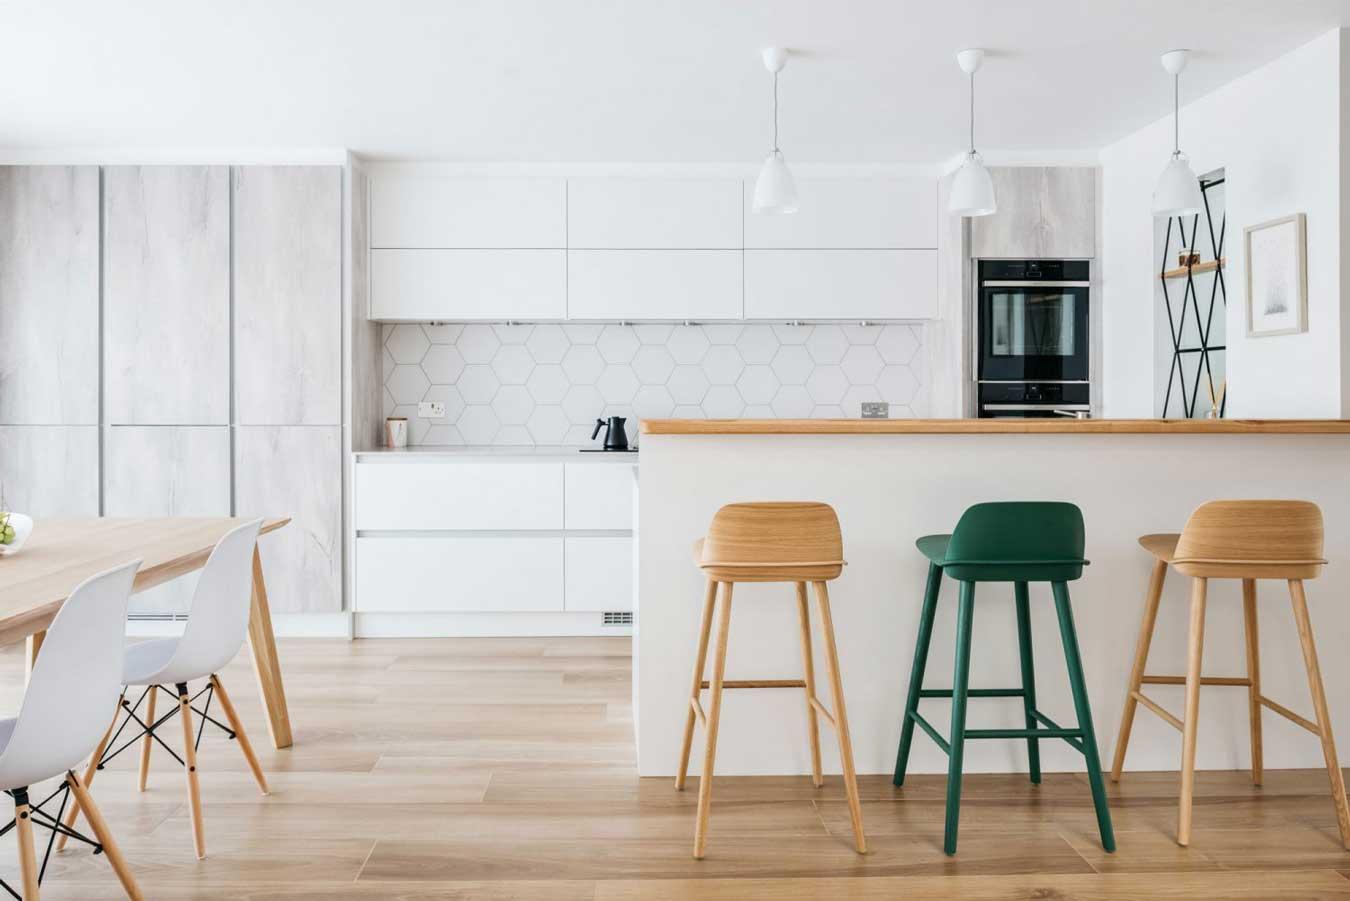 interior design photographer Cambridgeshire